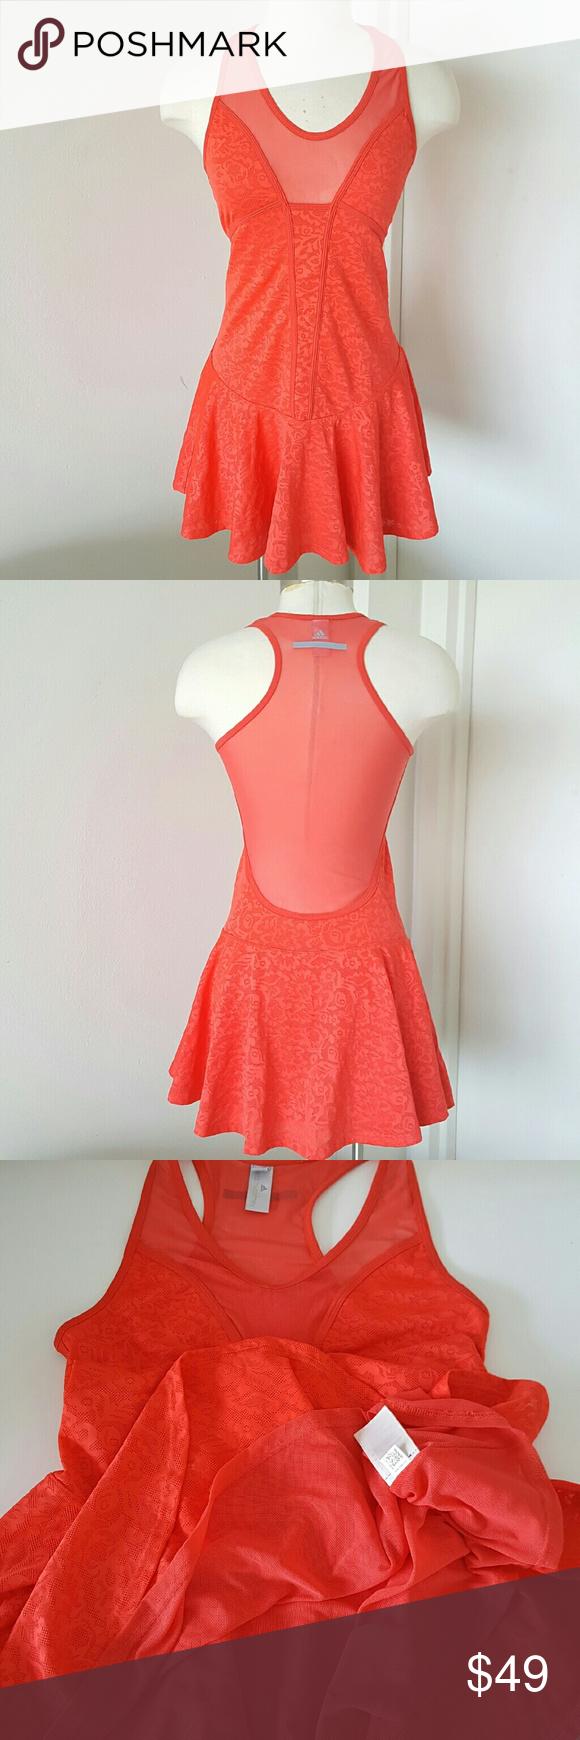 Stella Mccartney For Adidas Tennis Dress Tennis Dress Adidas Tennis Dress Nice Dresses